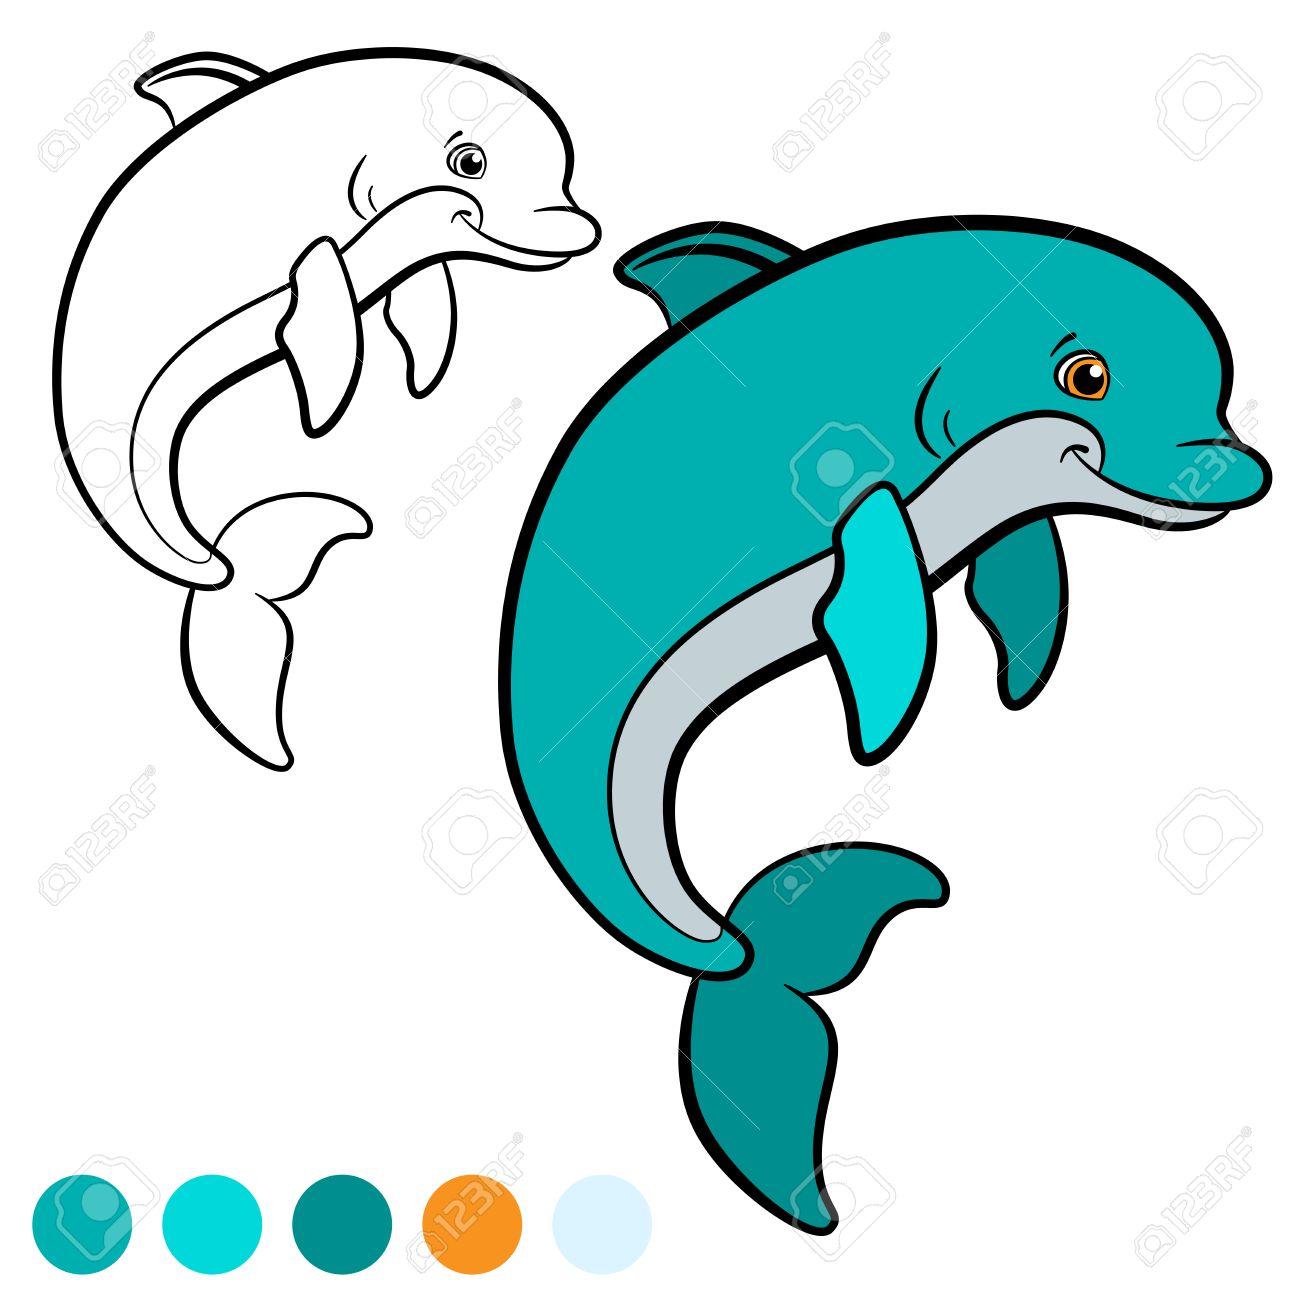 Dibujos De Delfines Para Colorear. Gallery Of Colorea O Pinta A ...